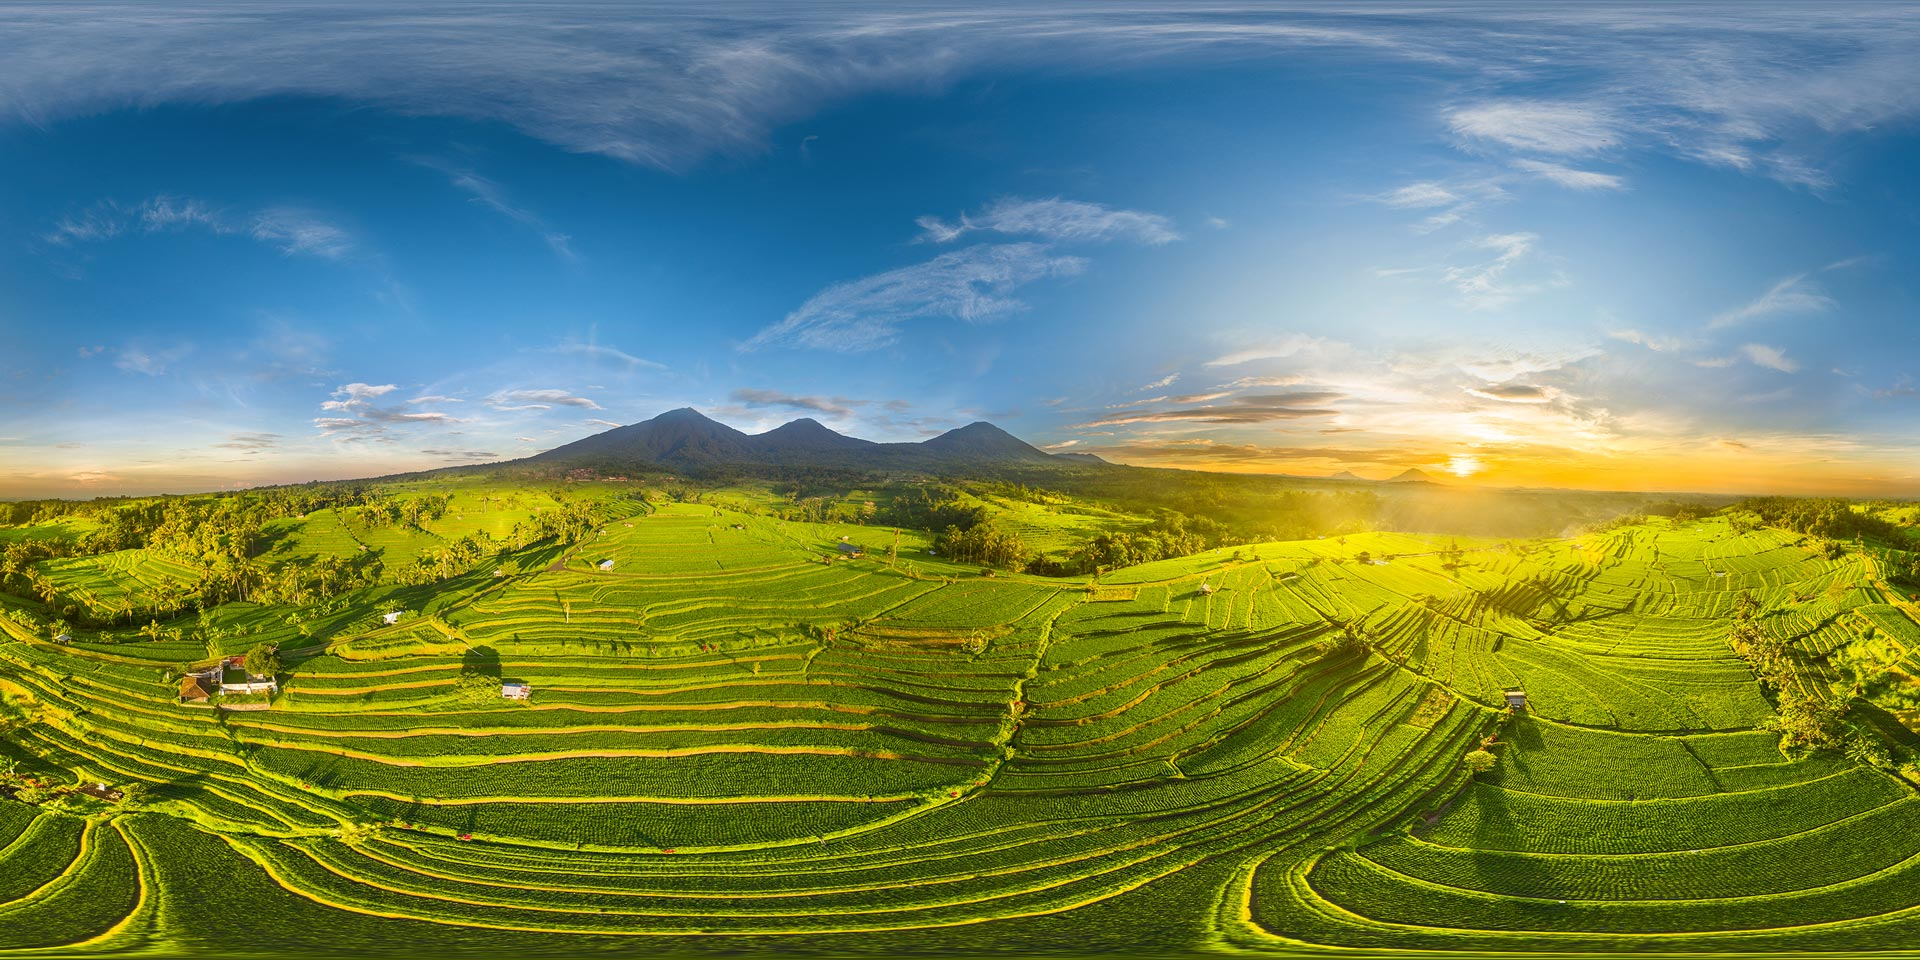 les rizières de Jatiluwih | Voyage Bali Indonésie en Circuit Privé avec Guide Francophone